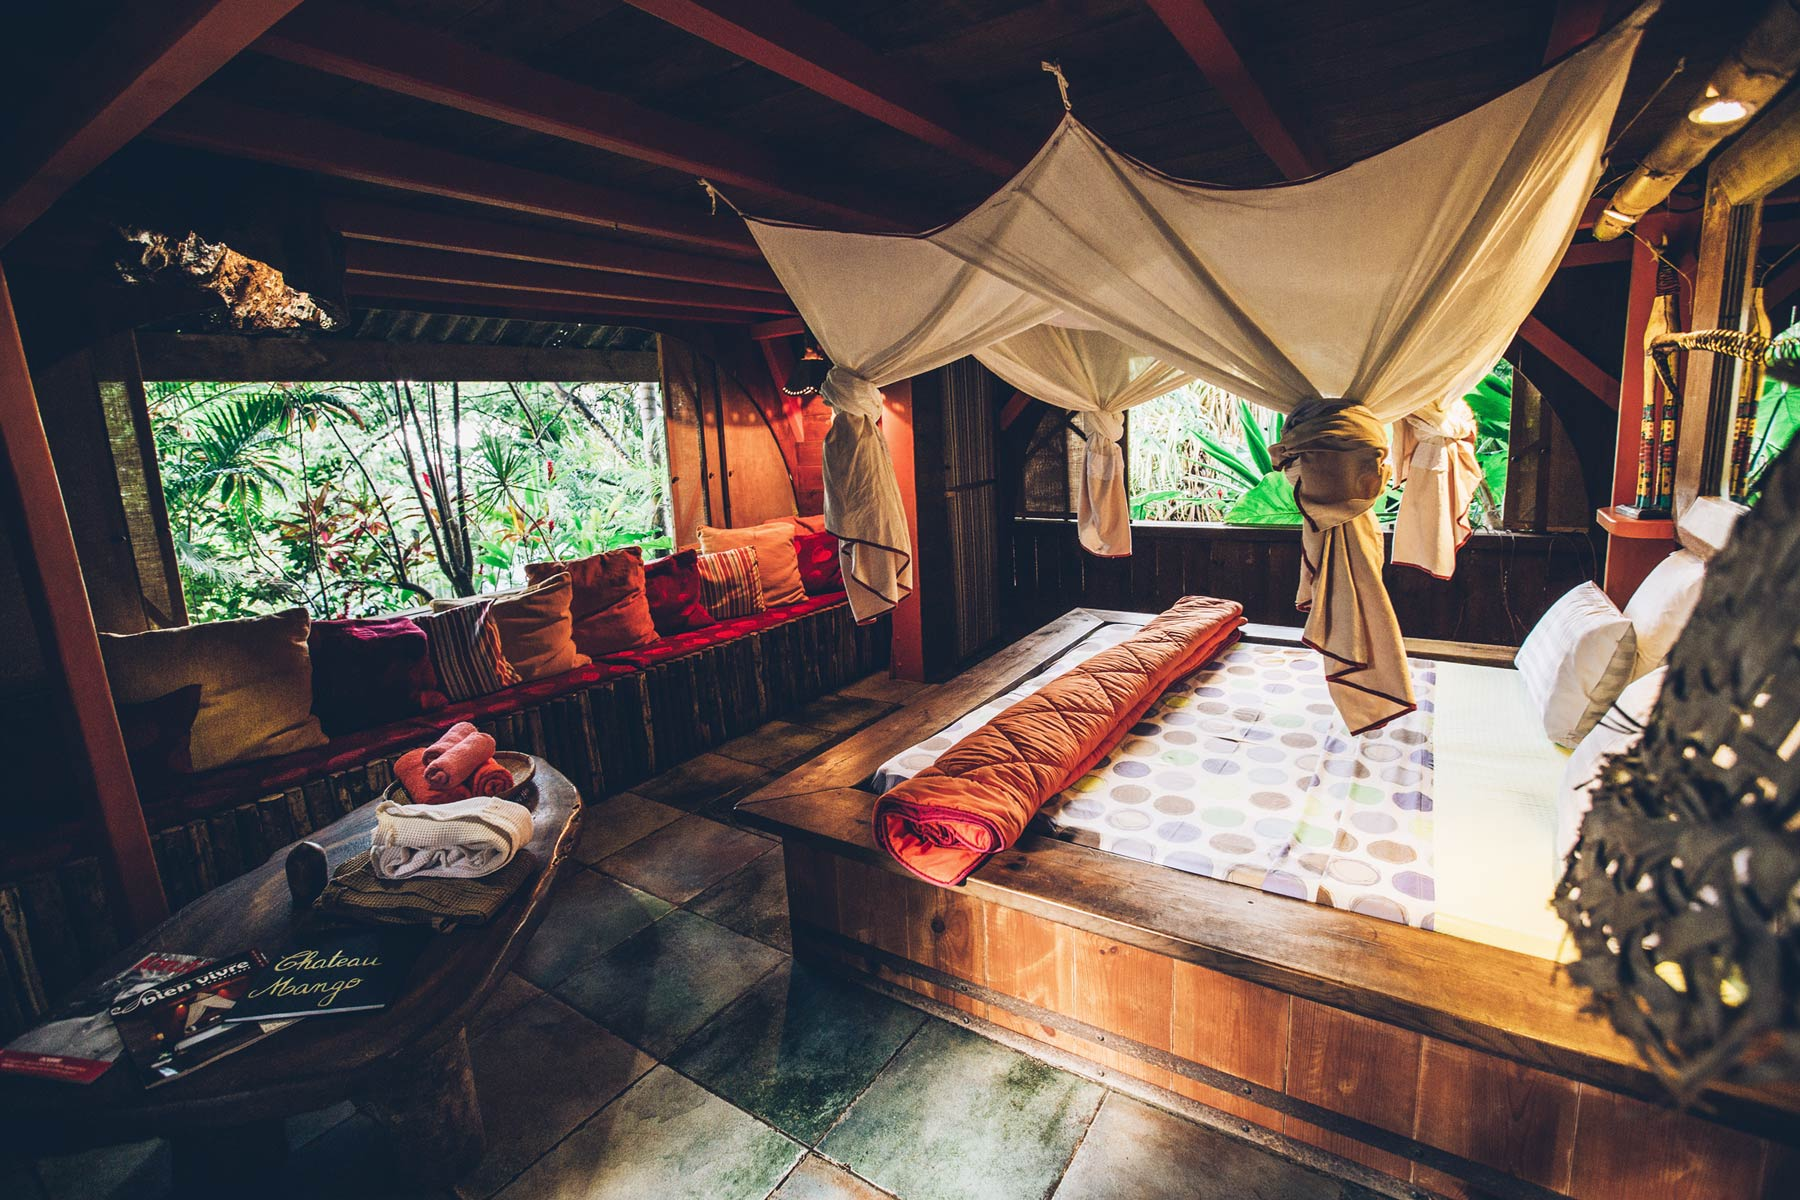 Hotel et cabane insolite Tendacayou, Guadeloupe